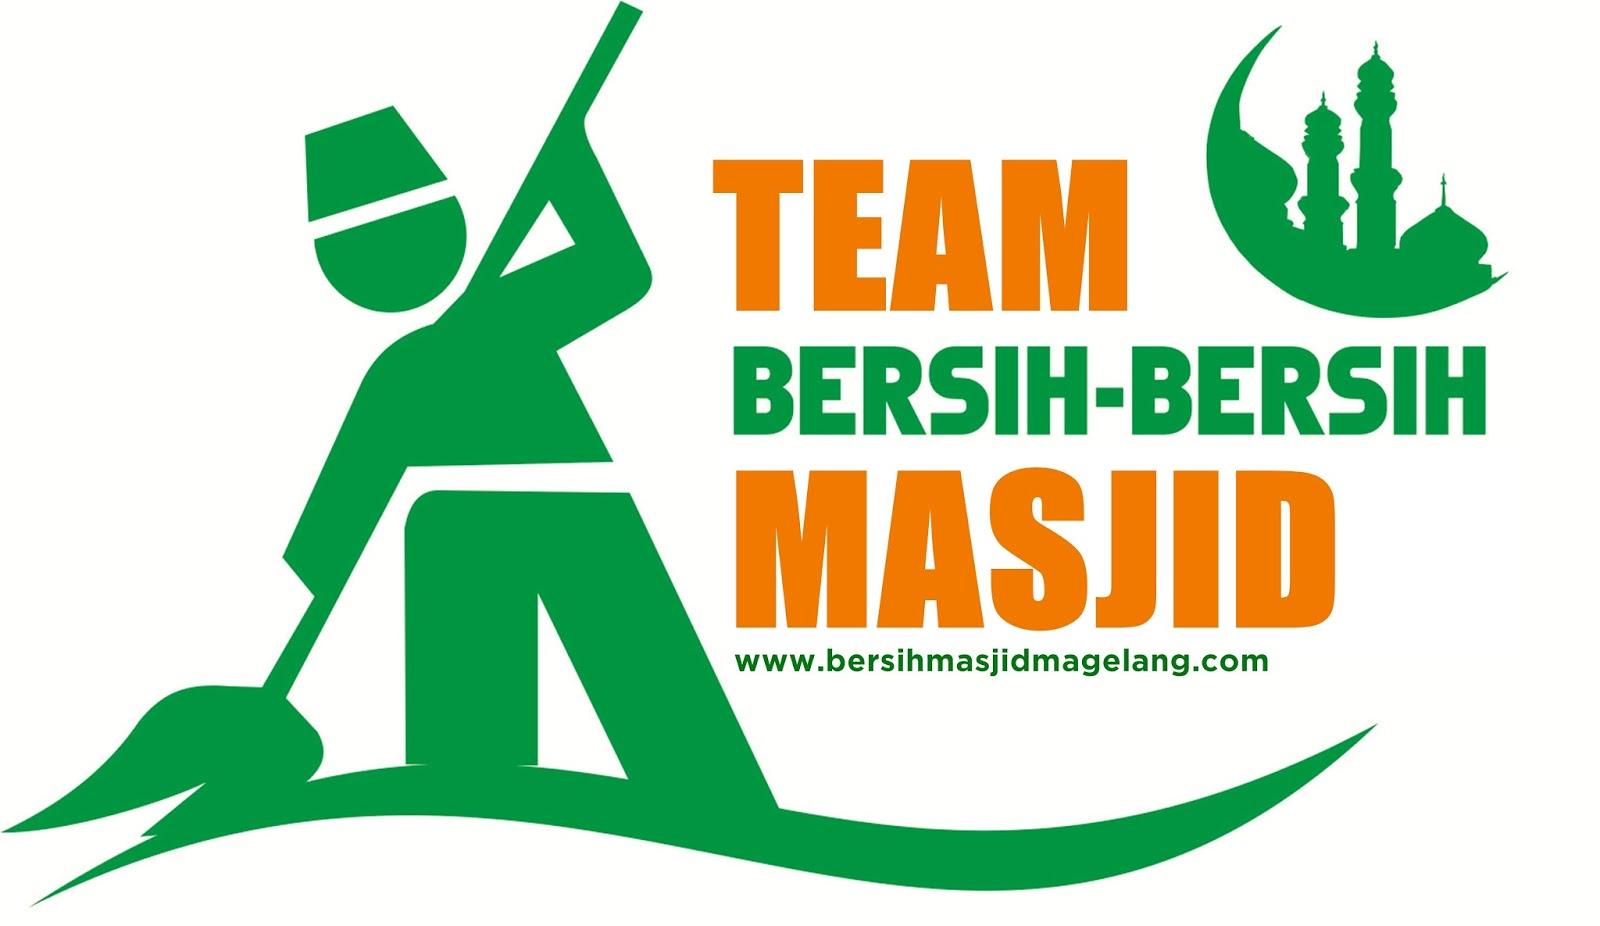 Tim Bersih-bersih Masjid Magelang